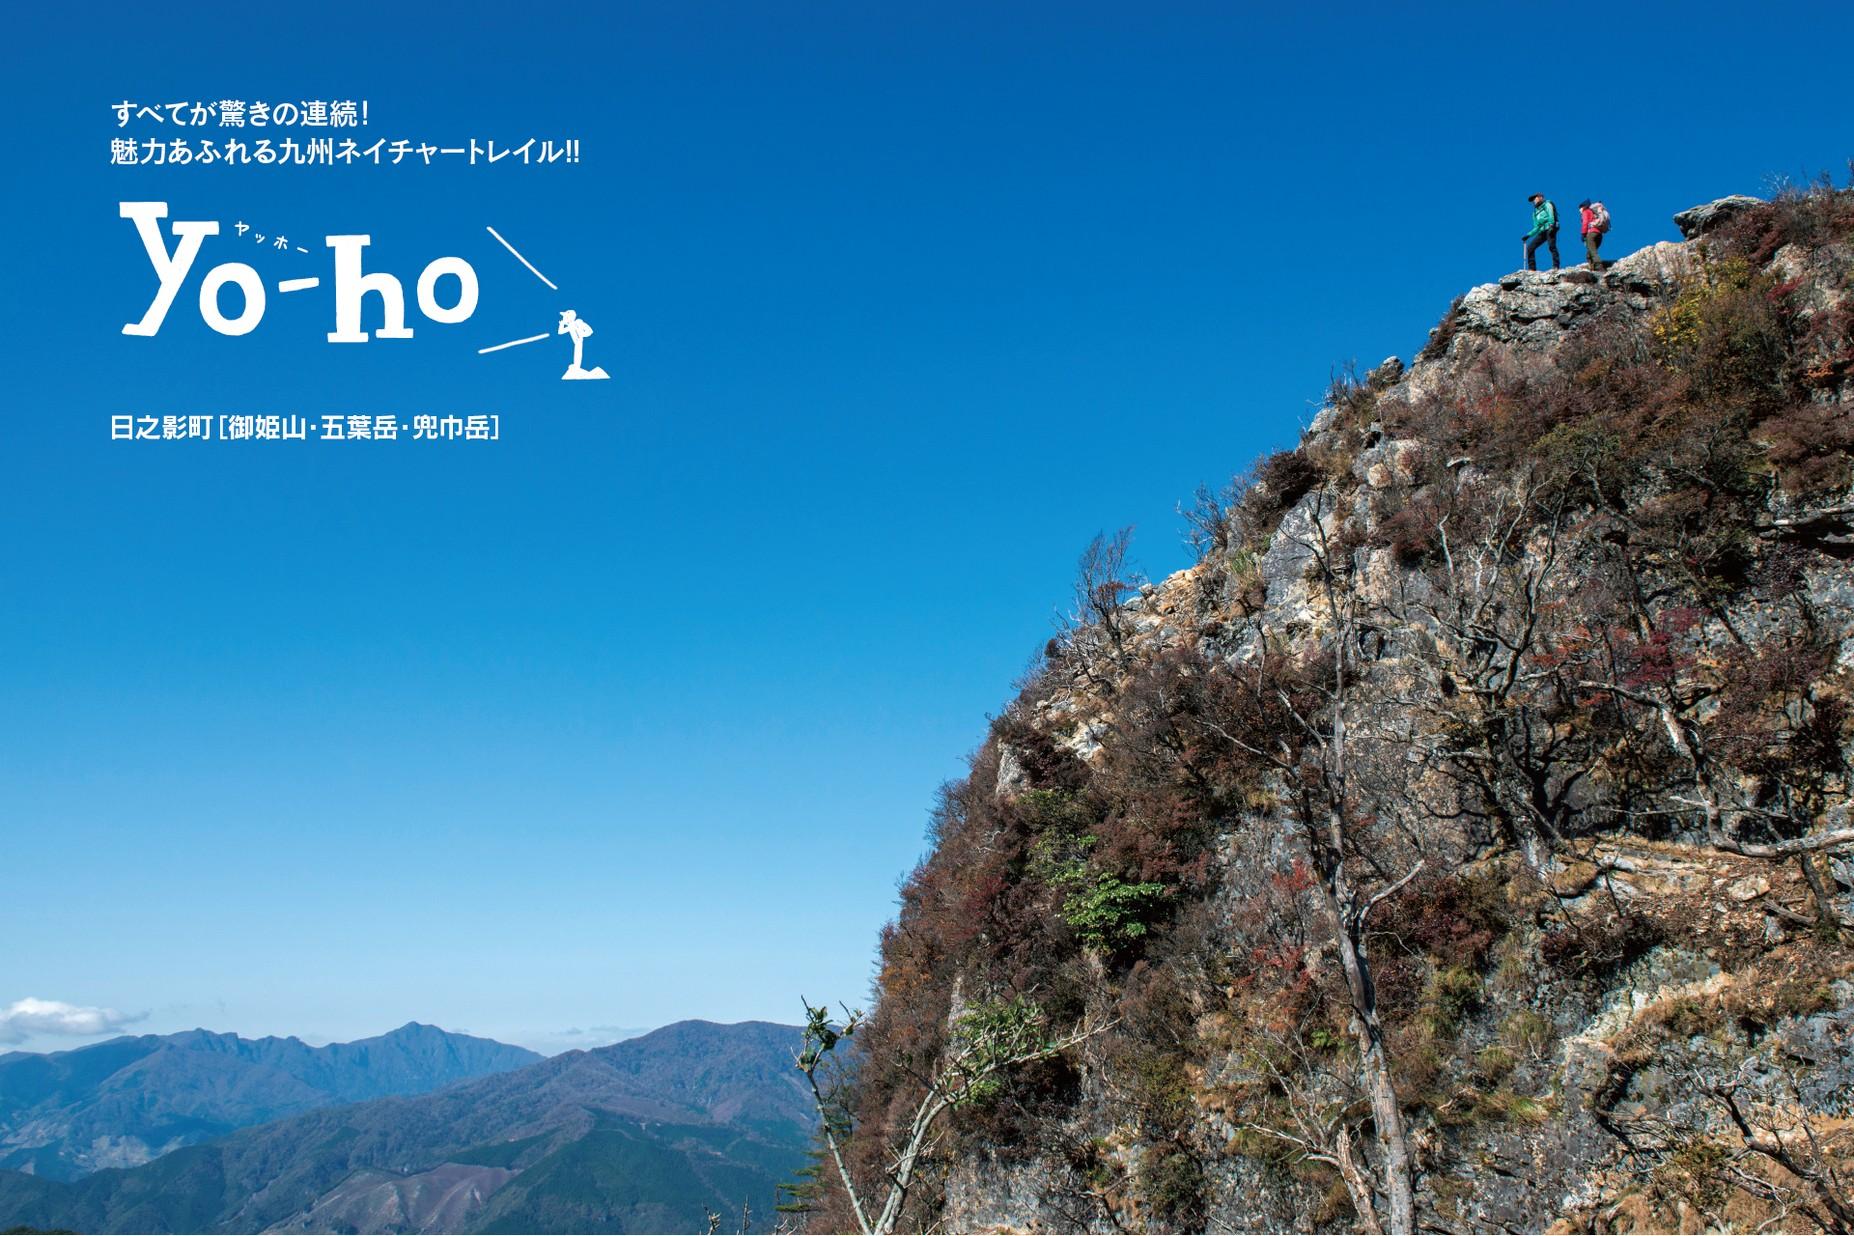 みやざきの登山誌「yo-ho」甑岳&池めぐり